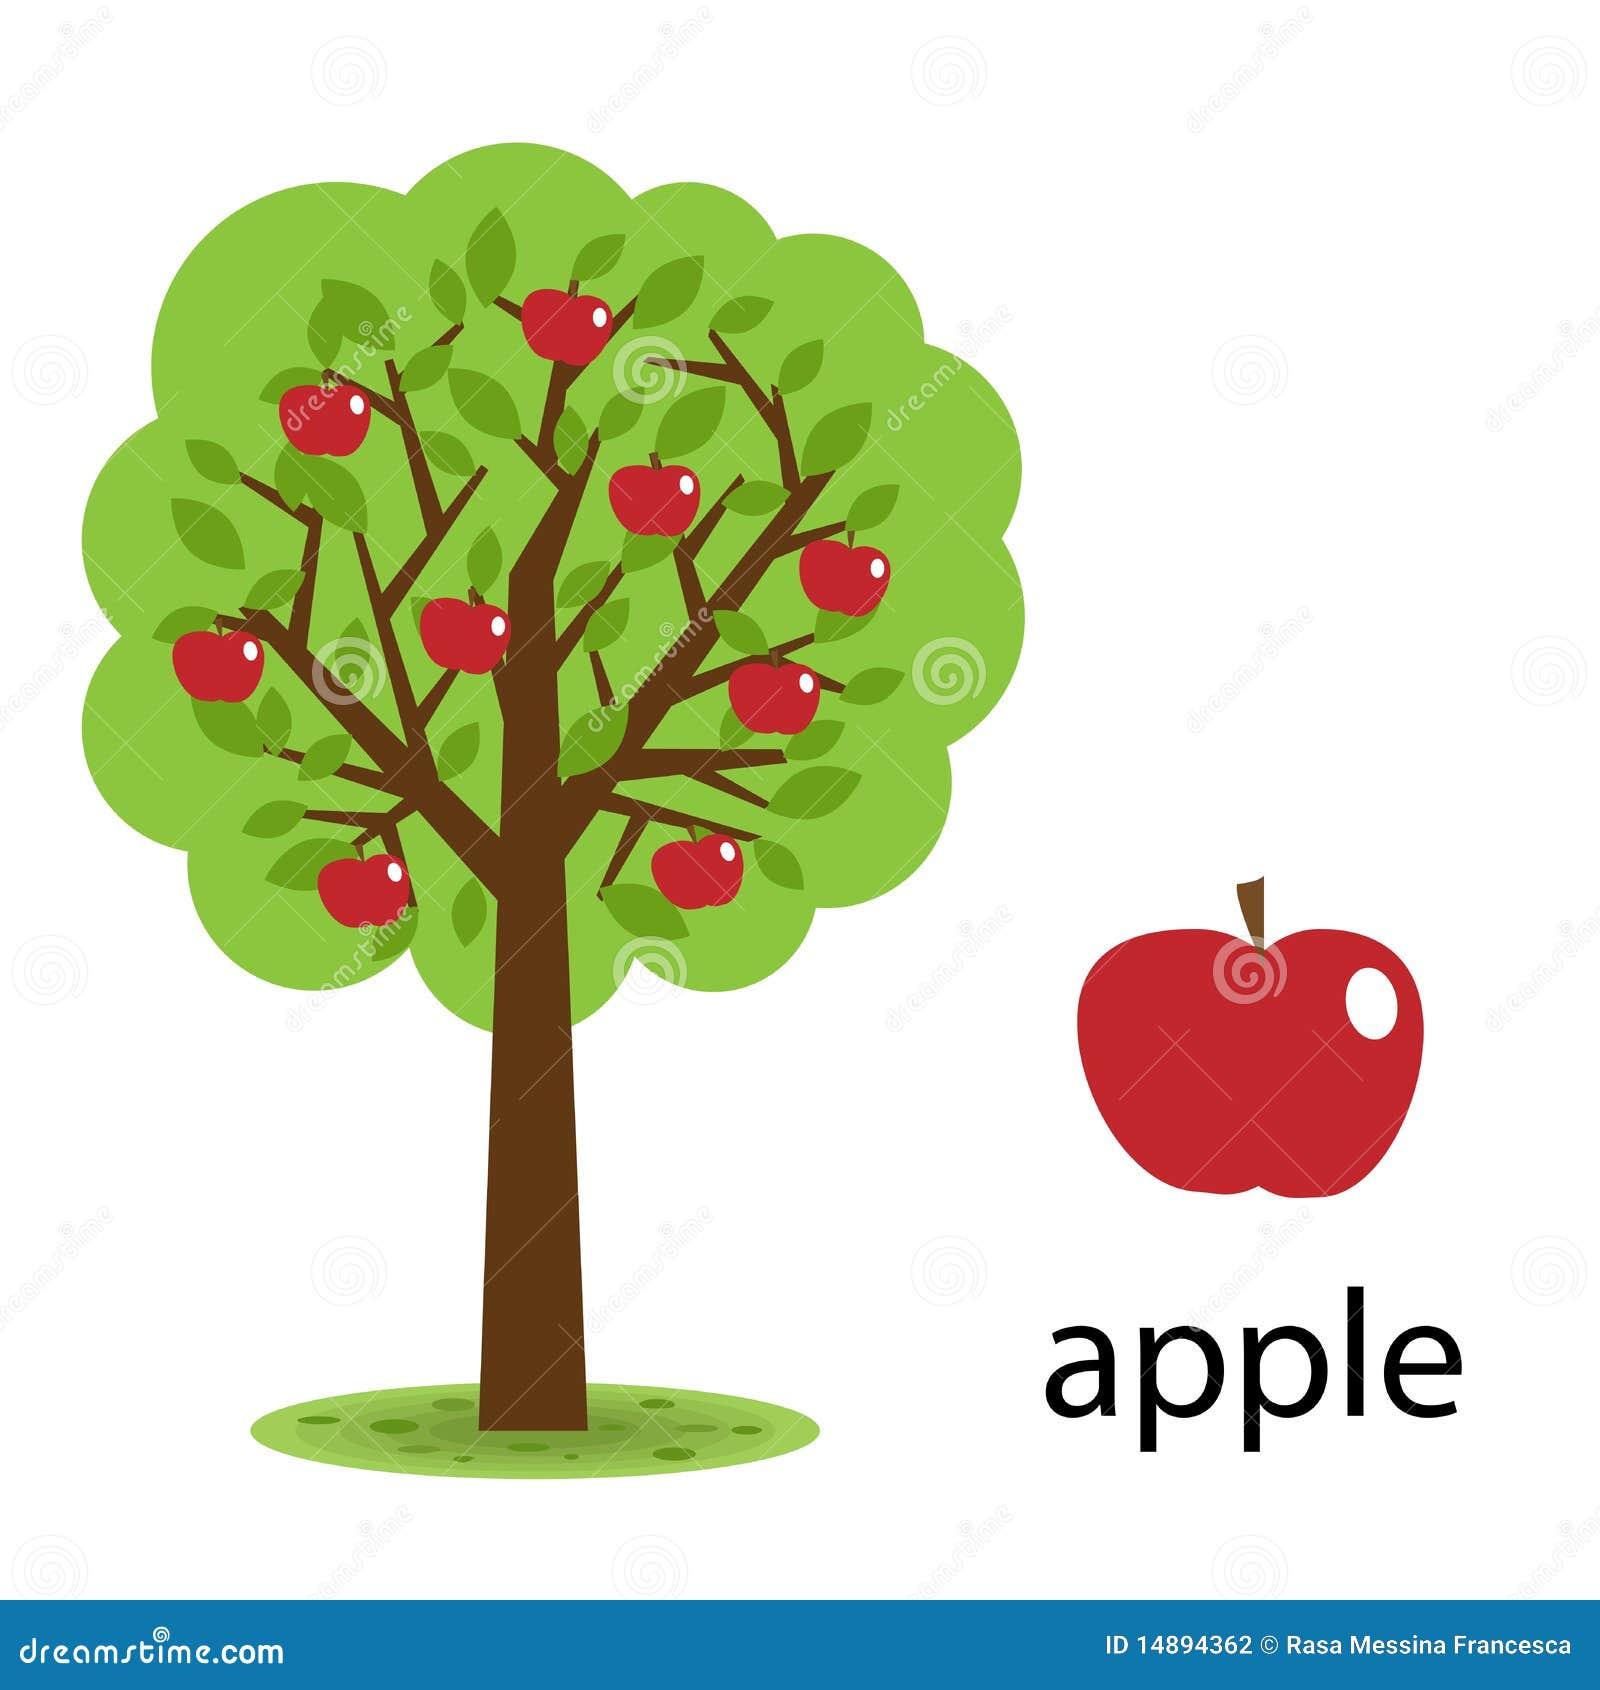 Картинка дерево яблоня